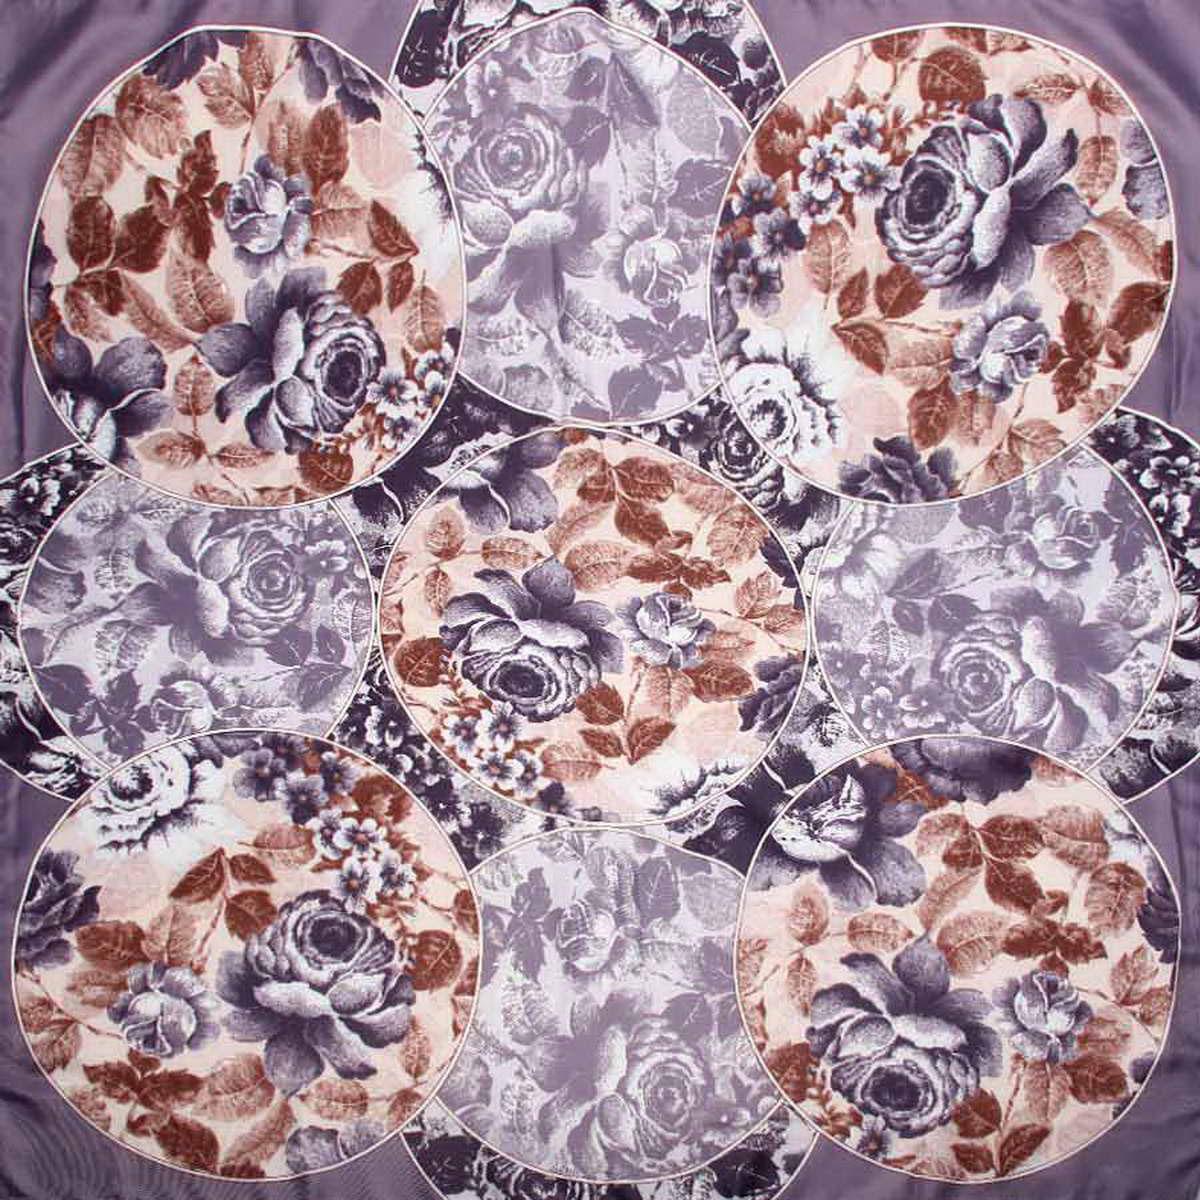 Платок3904972-32Стильный женский платок Venera станет великолепным завершением любого наряда. Платок, изготовленный из полиэстера, оформлен цветочным принтом. Классическая квадратная форма позволяет носить платок на шее, украшать им прическу или декорировать сумочку. Легкий и приятный на ощупь платок поможет вам создать изысканный женственный образ. Такой платок превосходно дополнит любой наряд и подчеркнет ваш неповторимый вкус и элегантность.